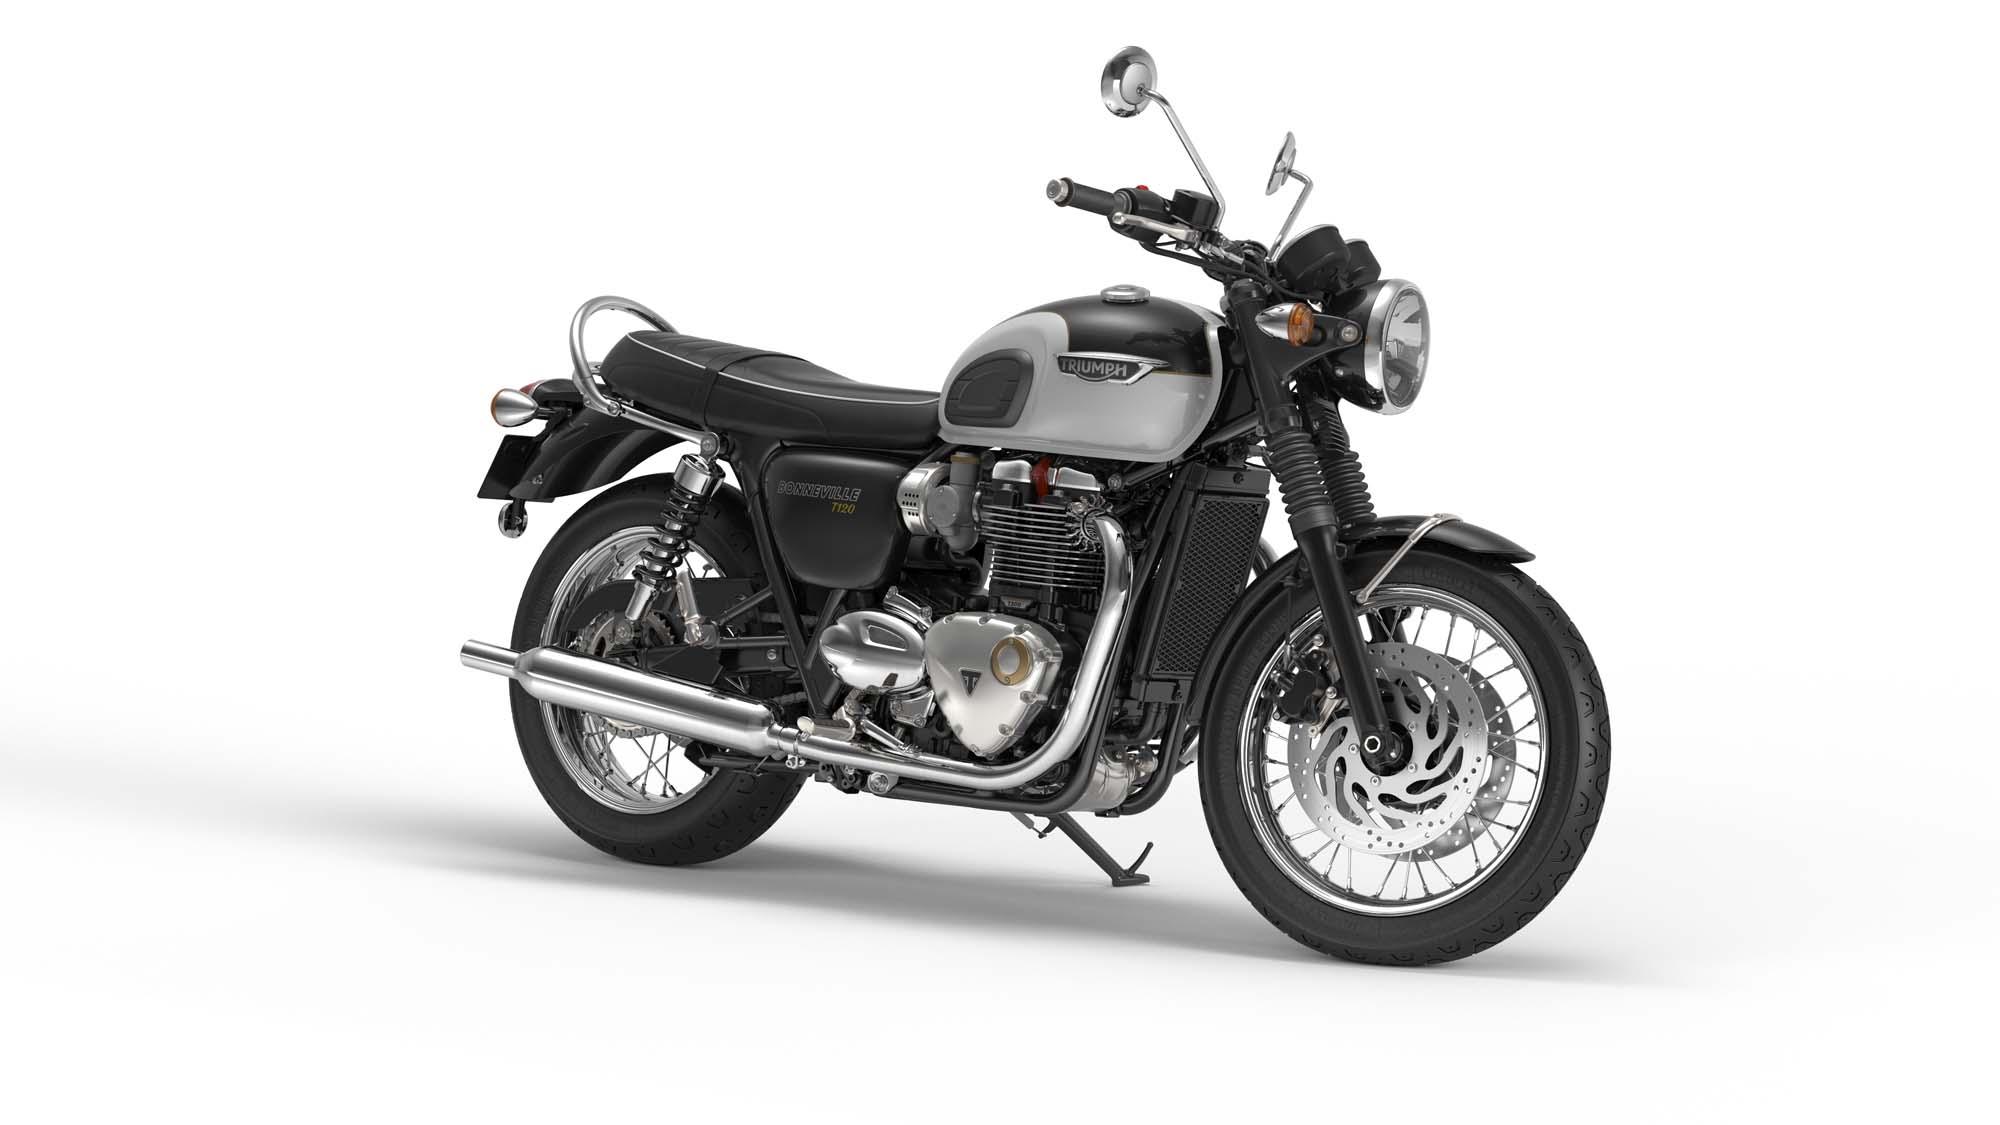 Gebrauchte Und Neue Triumph Bonneville T120 Motorräder Kaufen